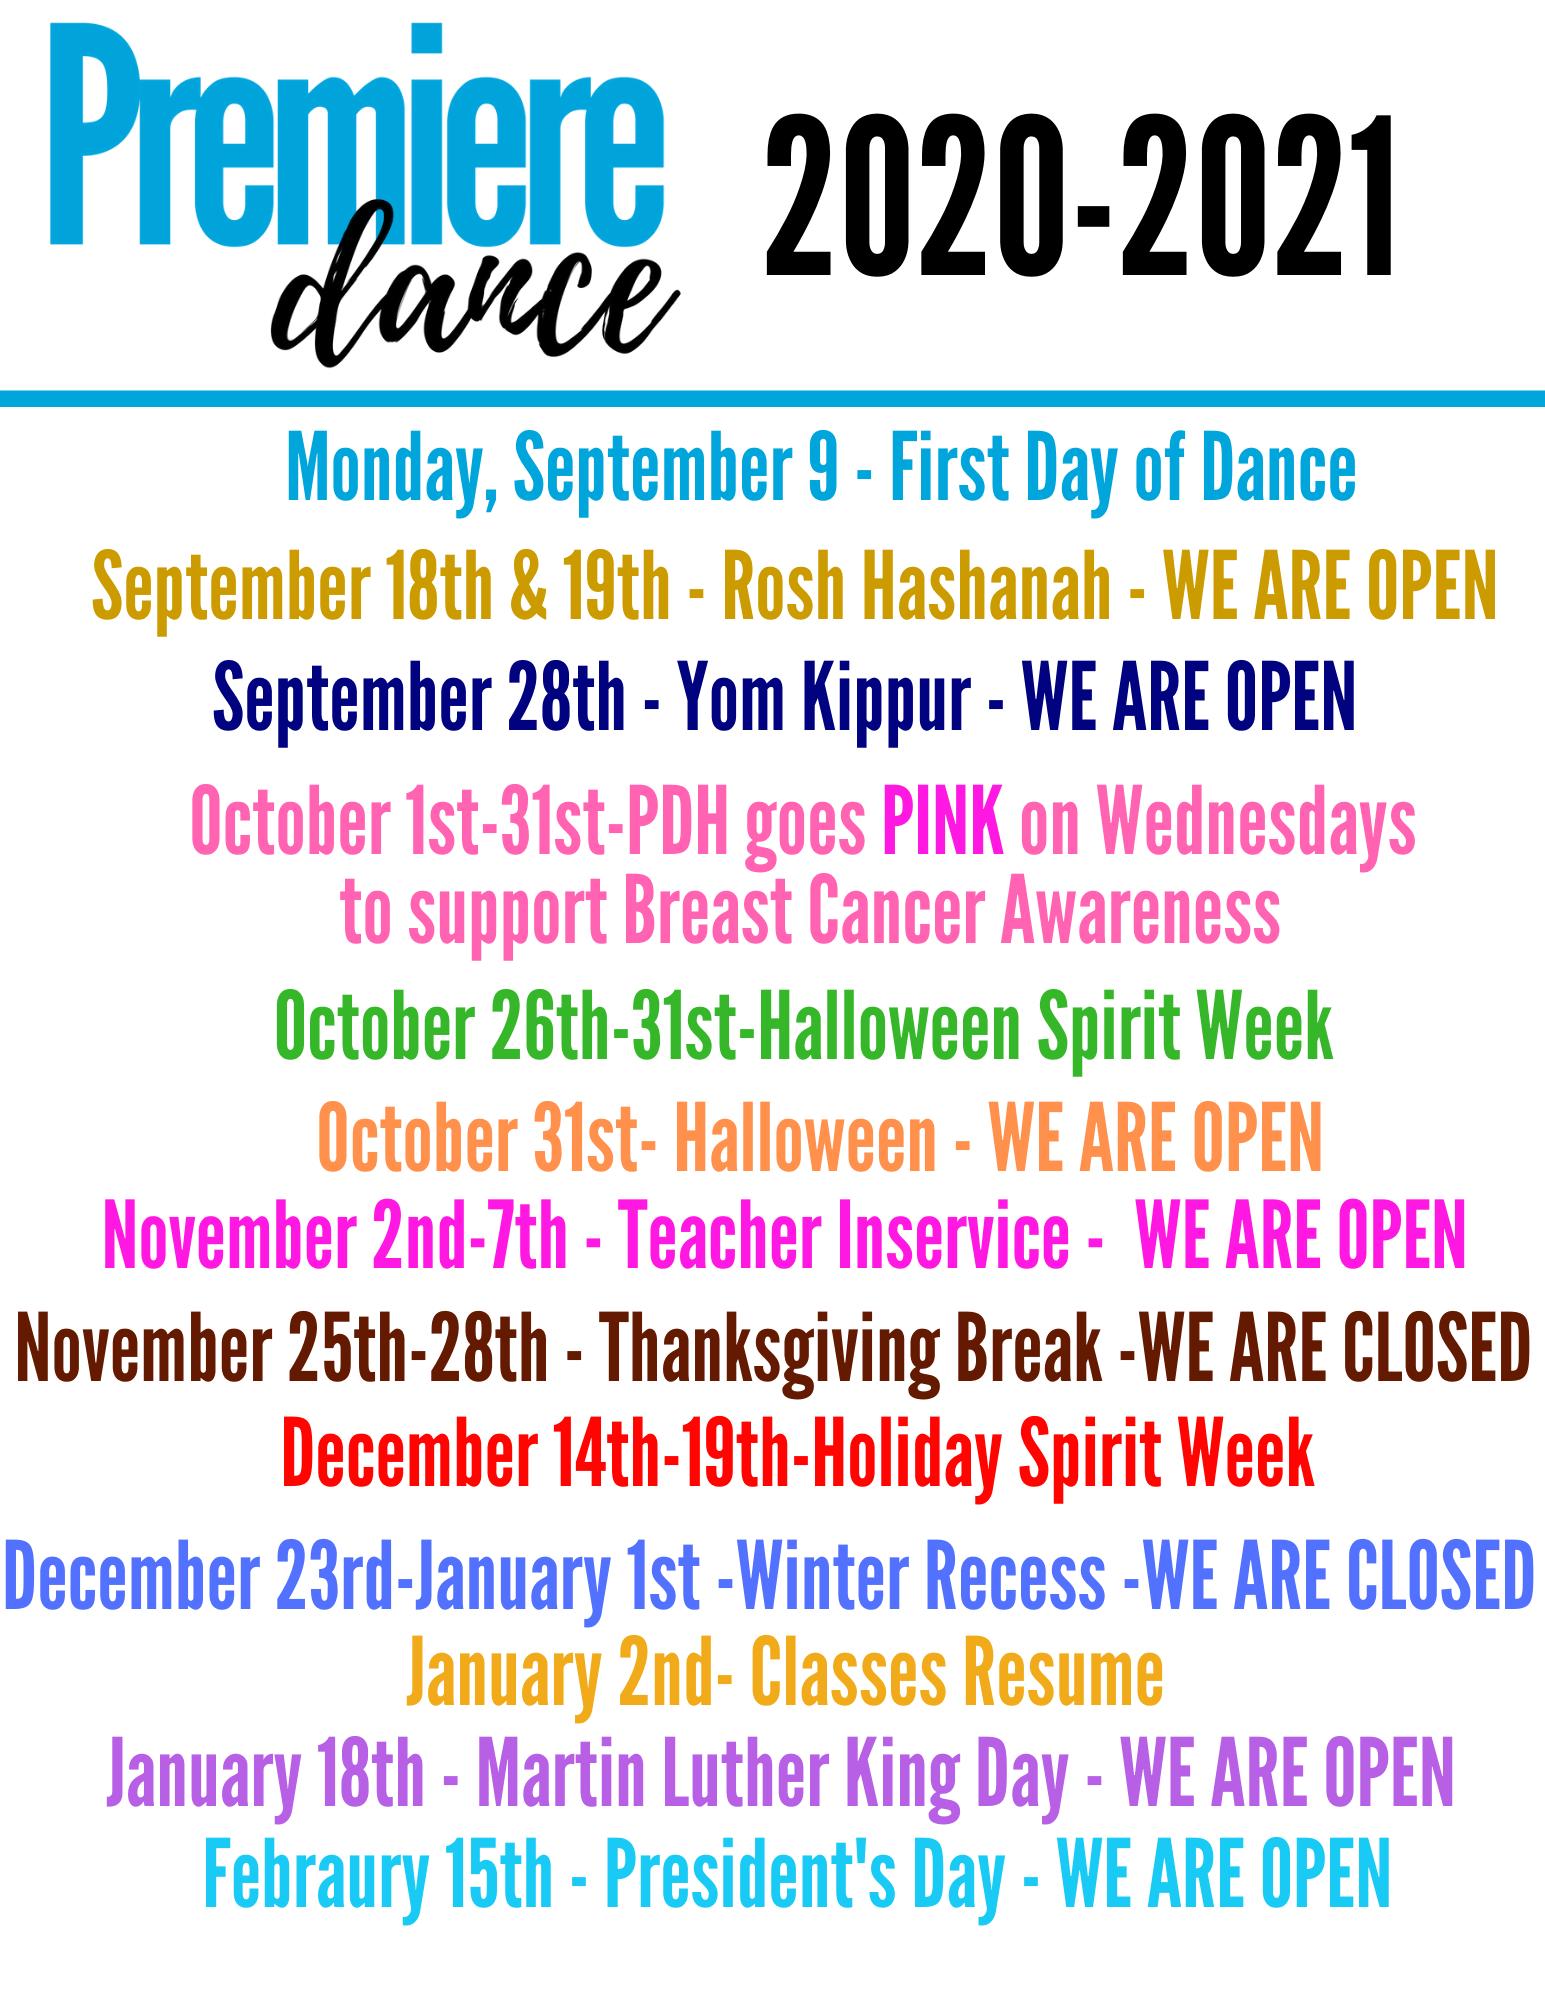 Premiere Dance Center Summer 2021 Calendar | Printable March For Printable Tv Premiere Calendar